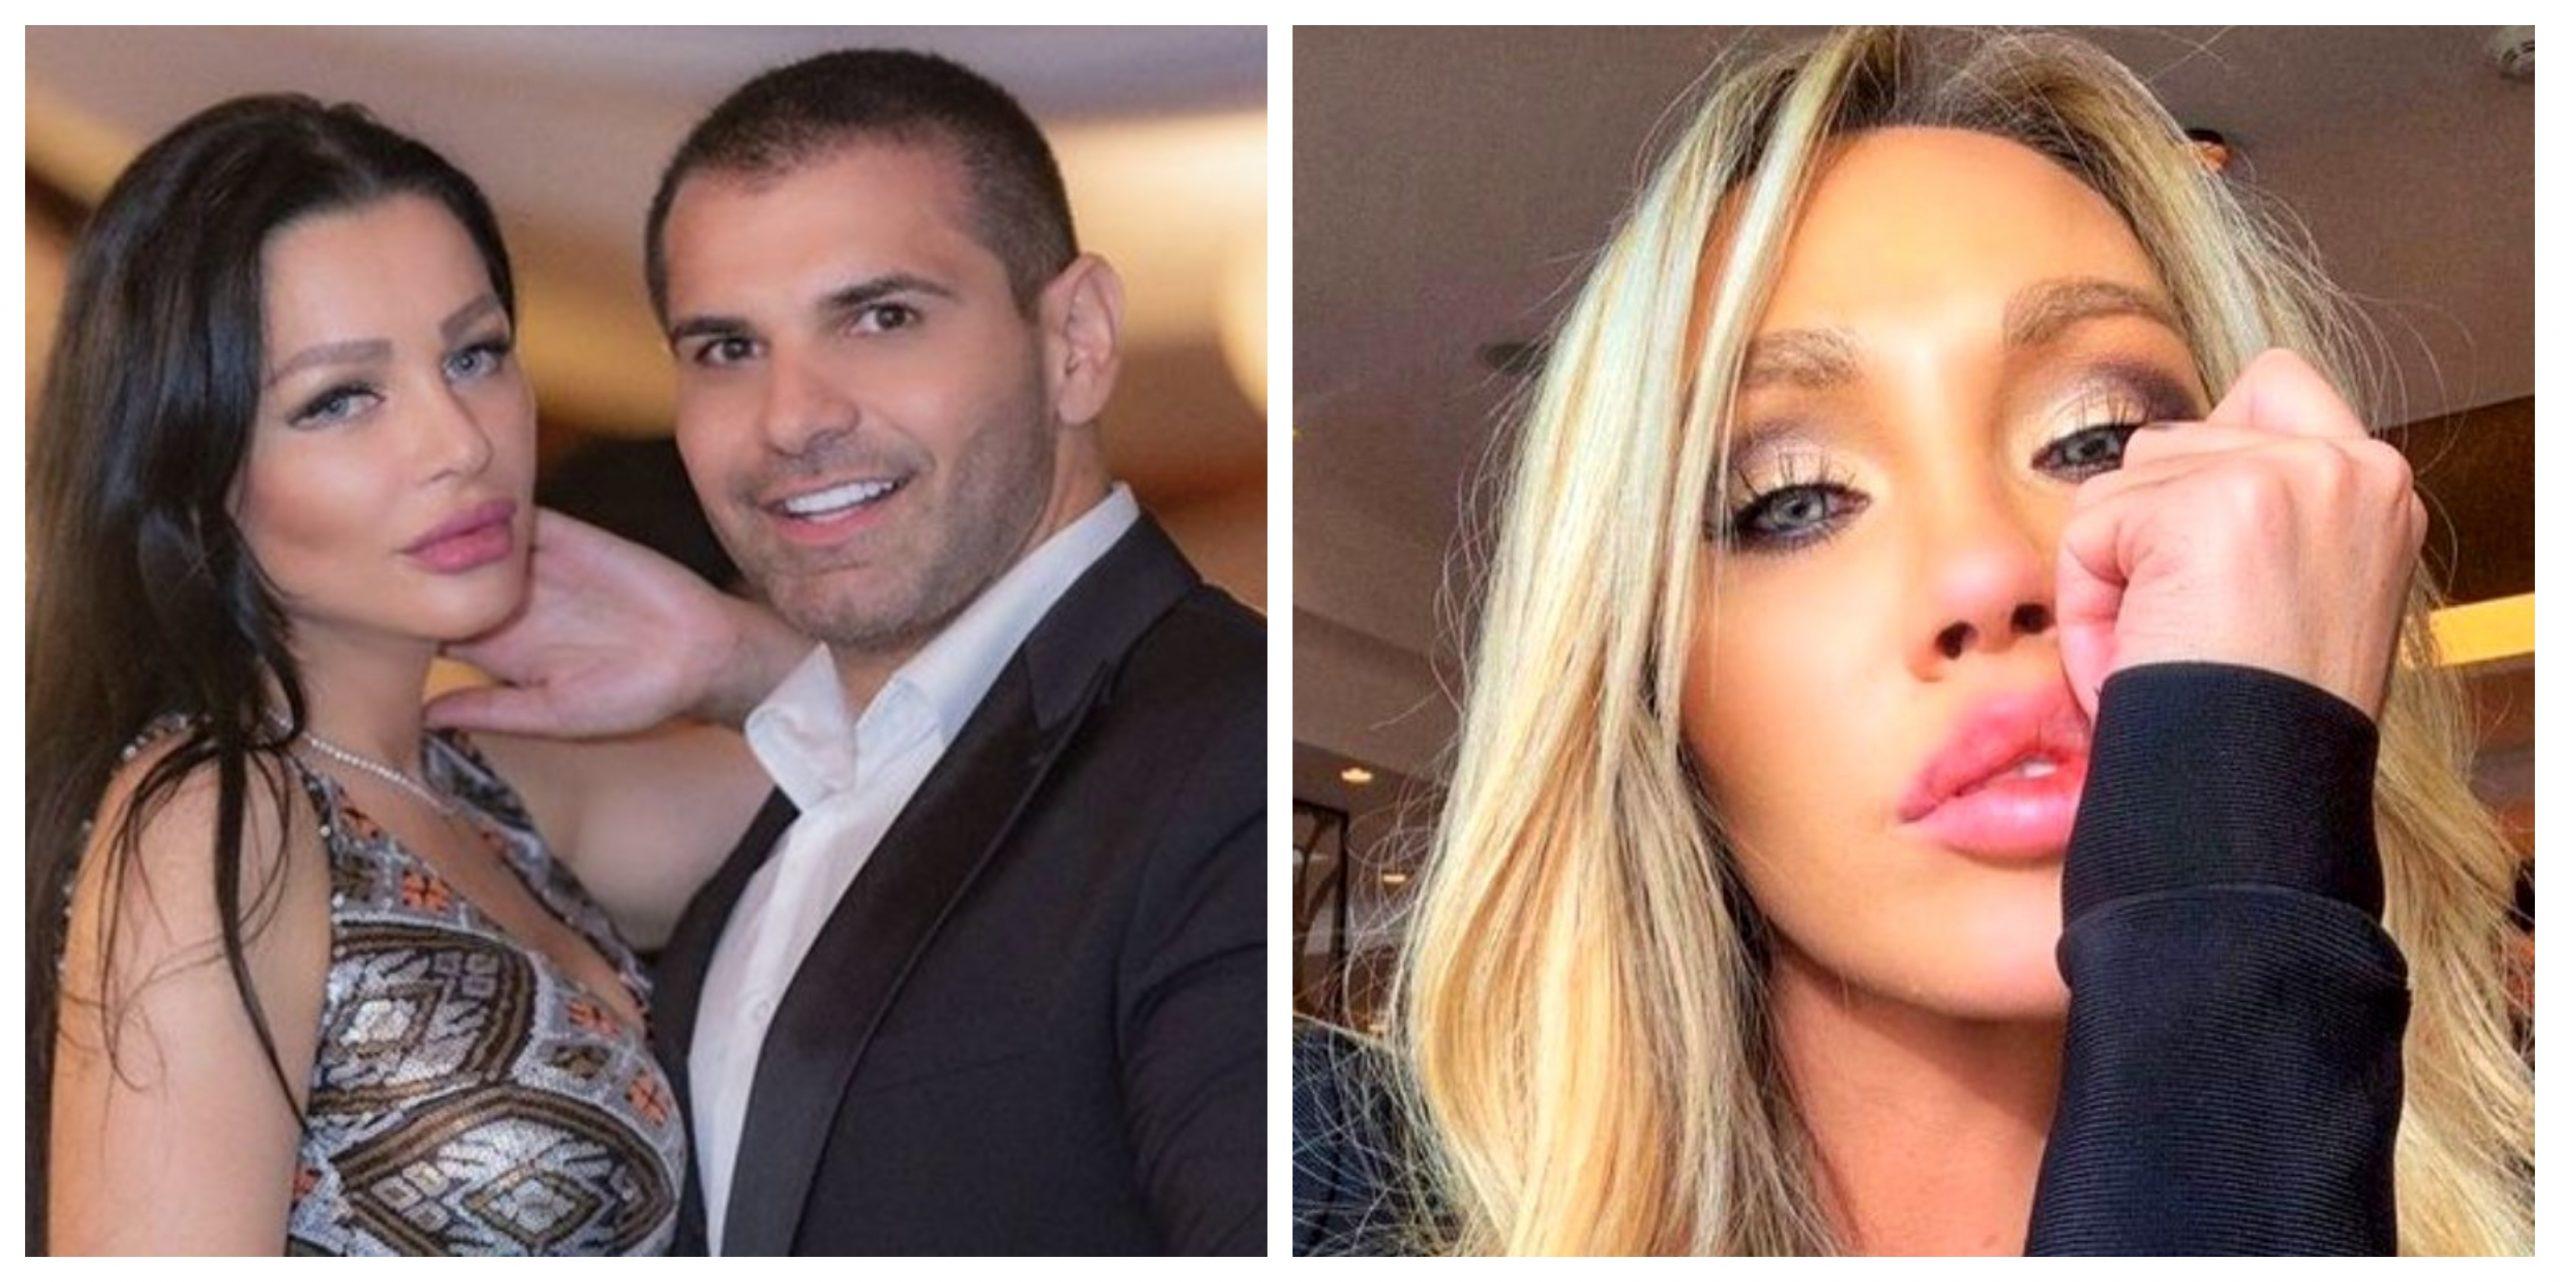 Familia Pastramă și Raluca Podea, din nou în scandal. Raluca cere daune morale de 100 de mii de euro